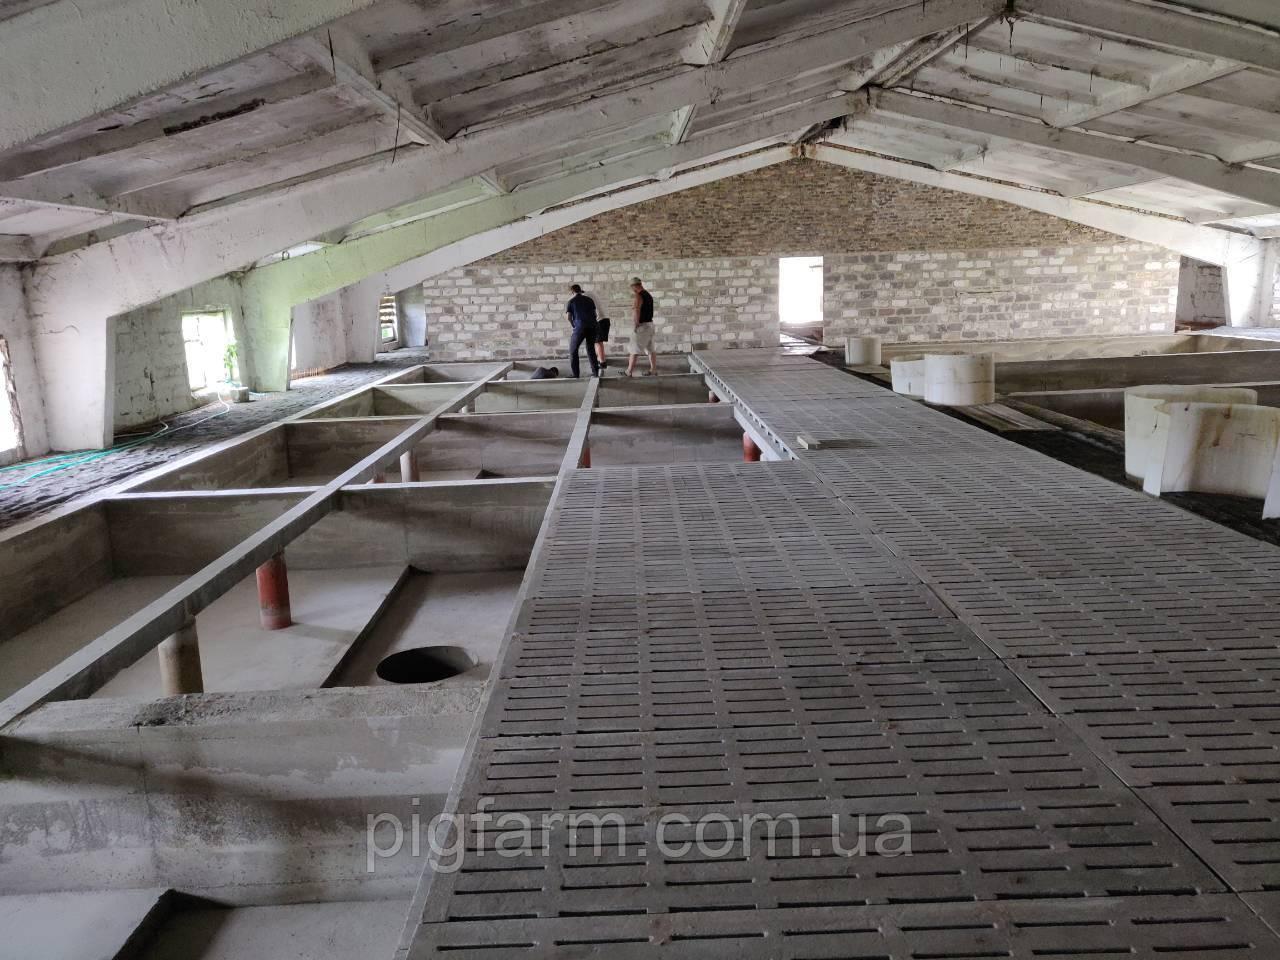 Процесс реконструкции новой площадки для откорма